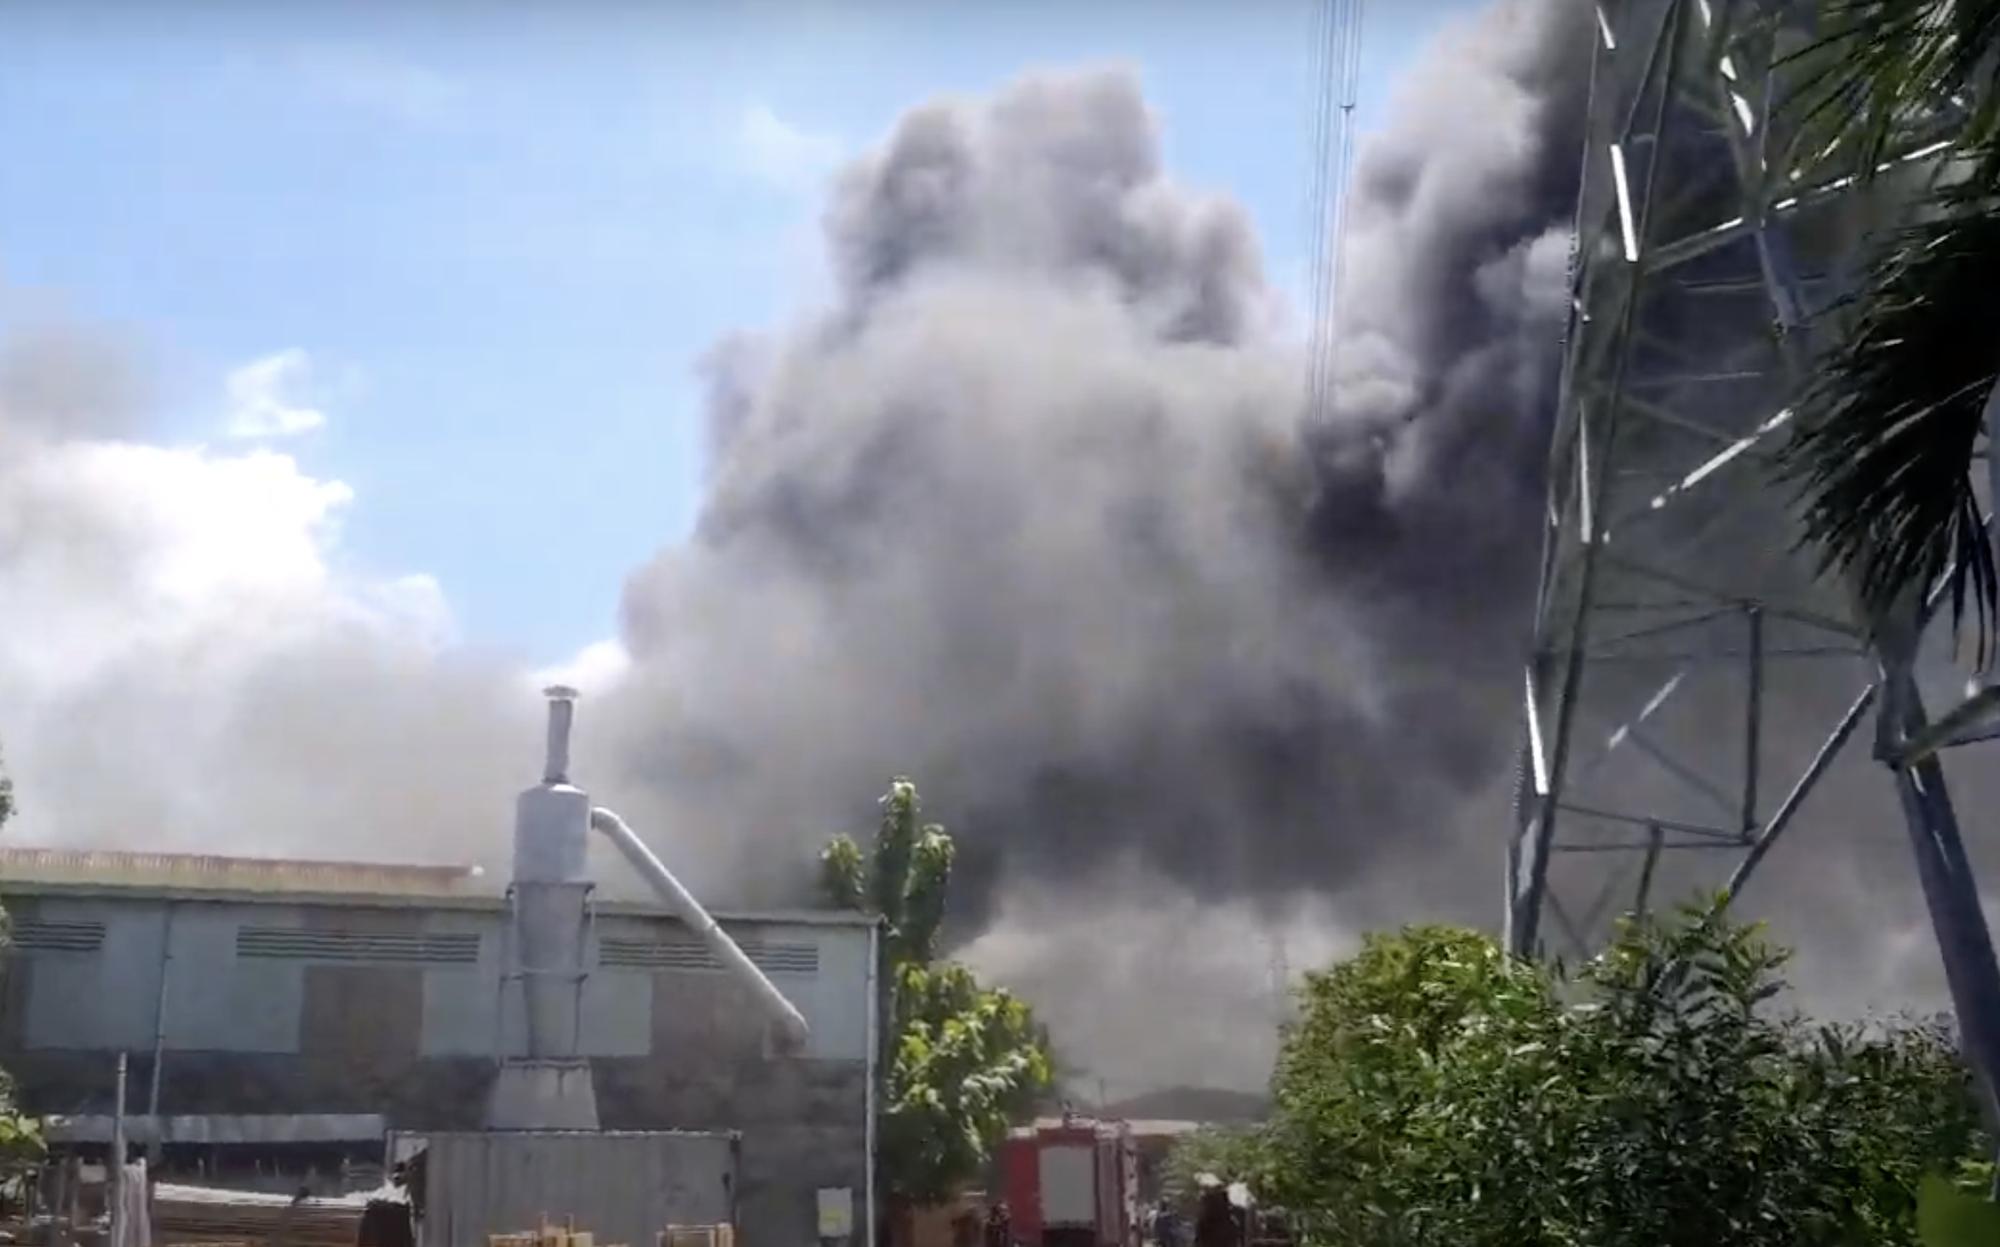 Công ty gỗ ở Bình Dương cháy dữ dội, nhiều người vô tư đến sát hiện trường... livestream dưới dòng điện cao thế - Ảnh 1.